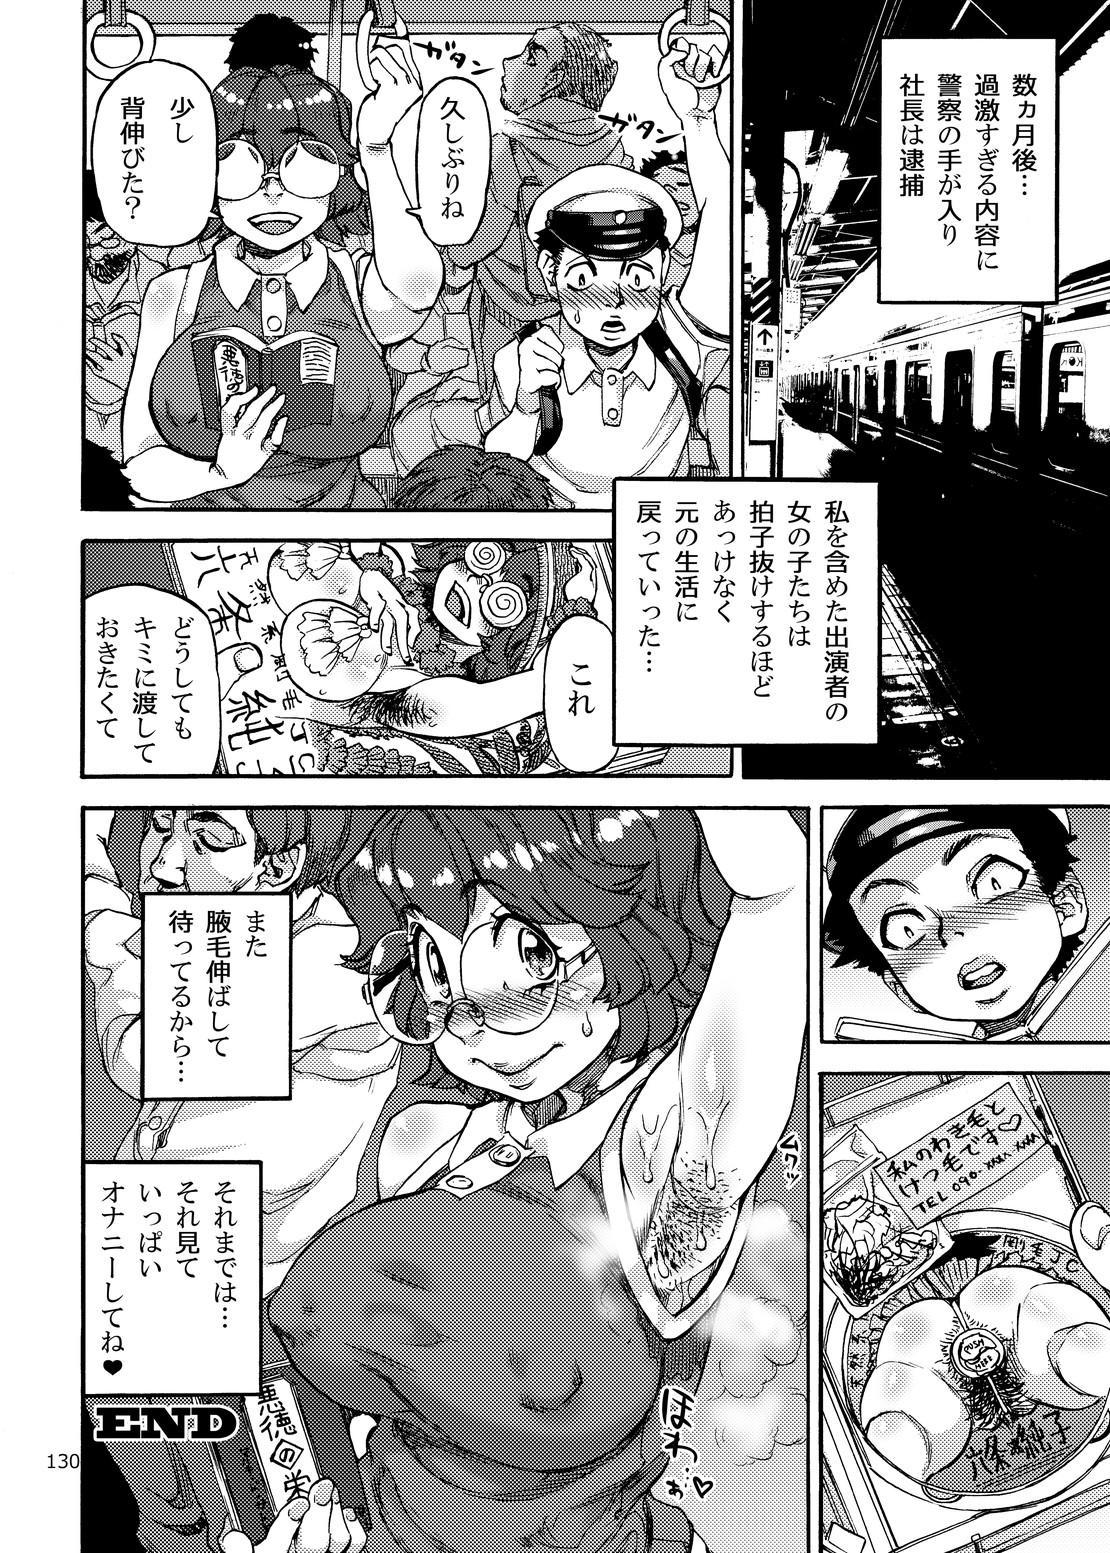 Shikibo Natsu 129